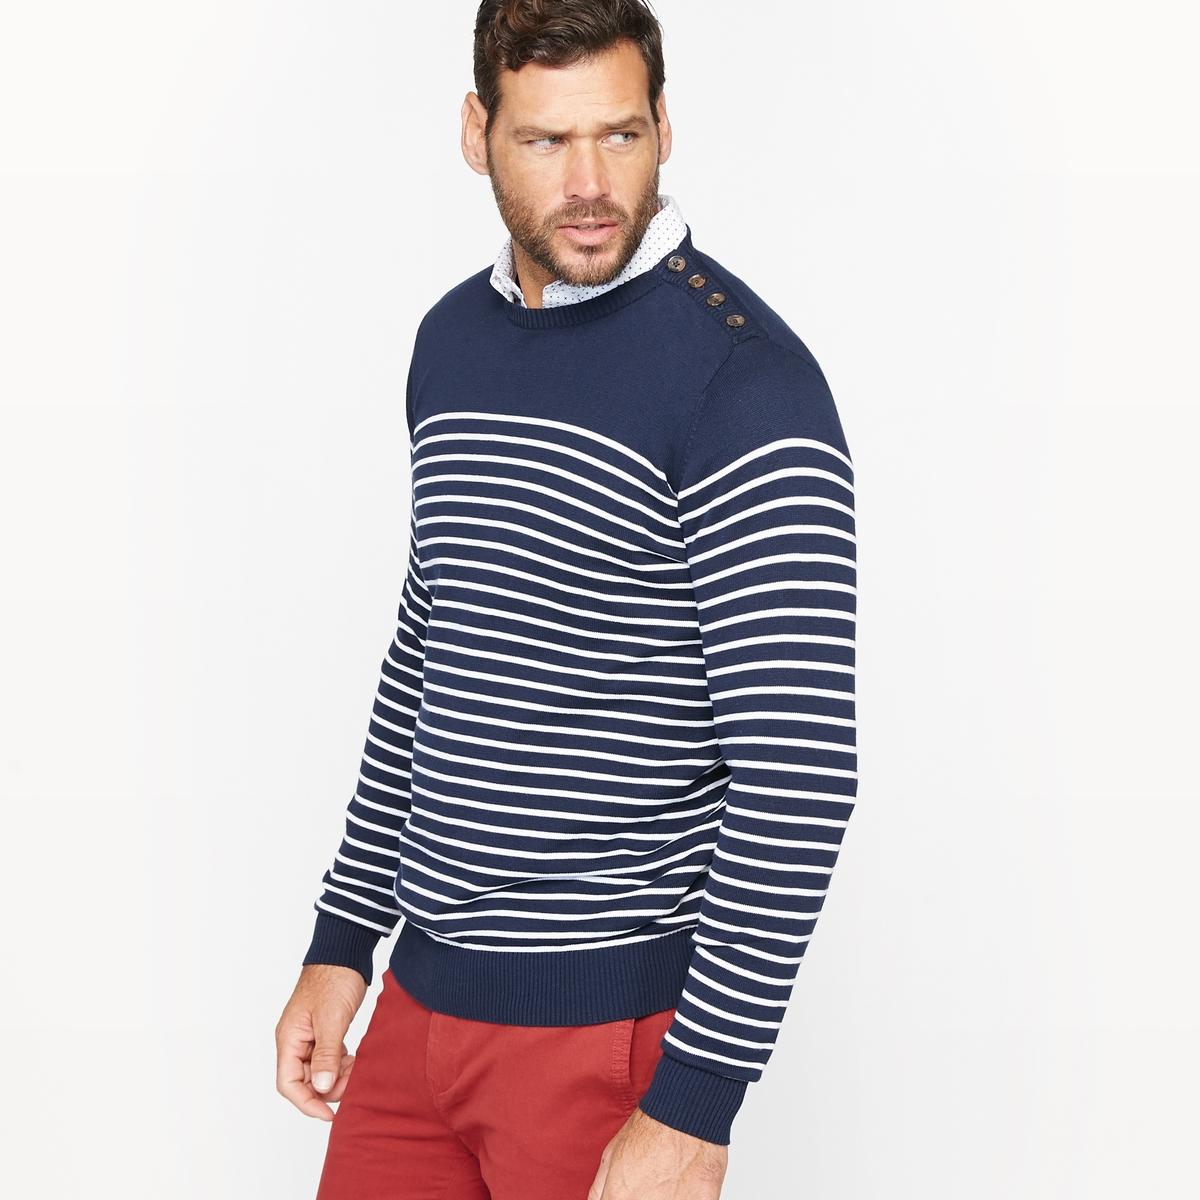 Пуловер в полоску с застежкой на пуговицыдлина спереди : 73 см для размера 50/52 и 81 см для размера 82/84.- длина рукавов : 68 см.<br><br>Цвет: в полоску темно-синий/белый<br>Размер: 50/52.70/72.66/68.62/64